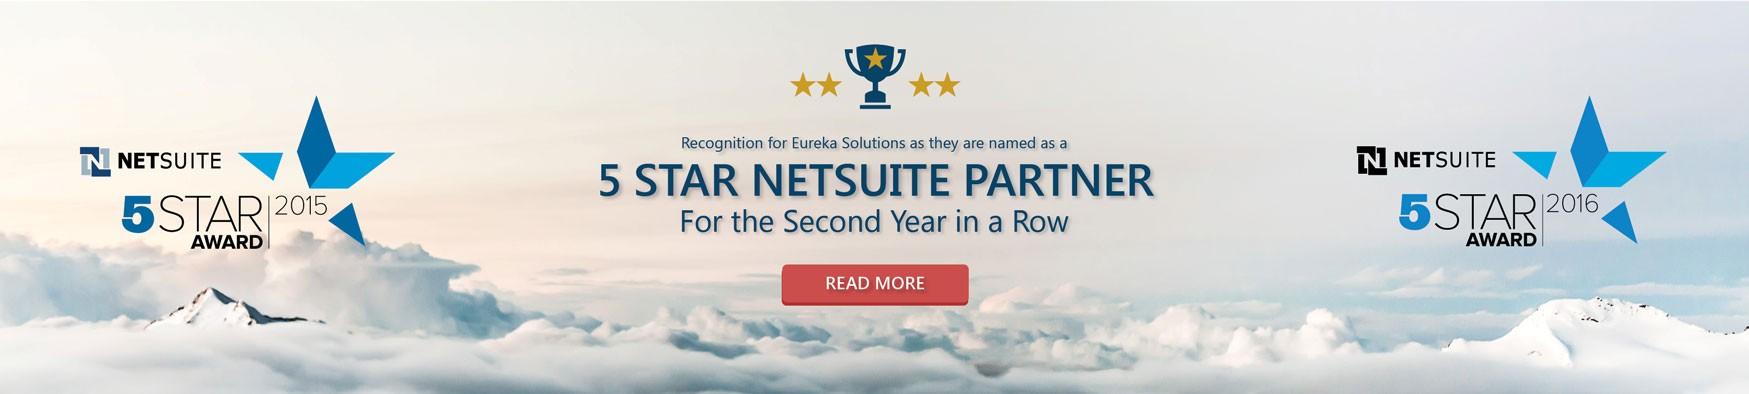 NetSuite 5 Star Partner